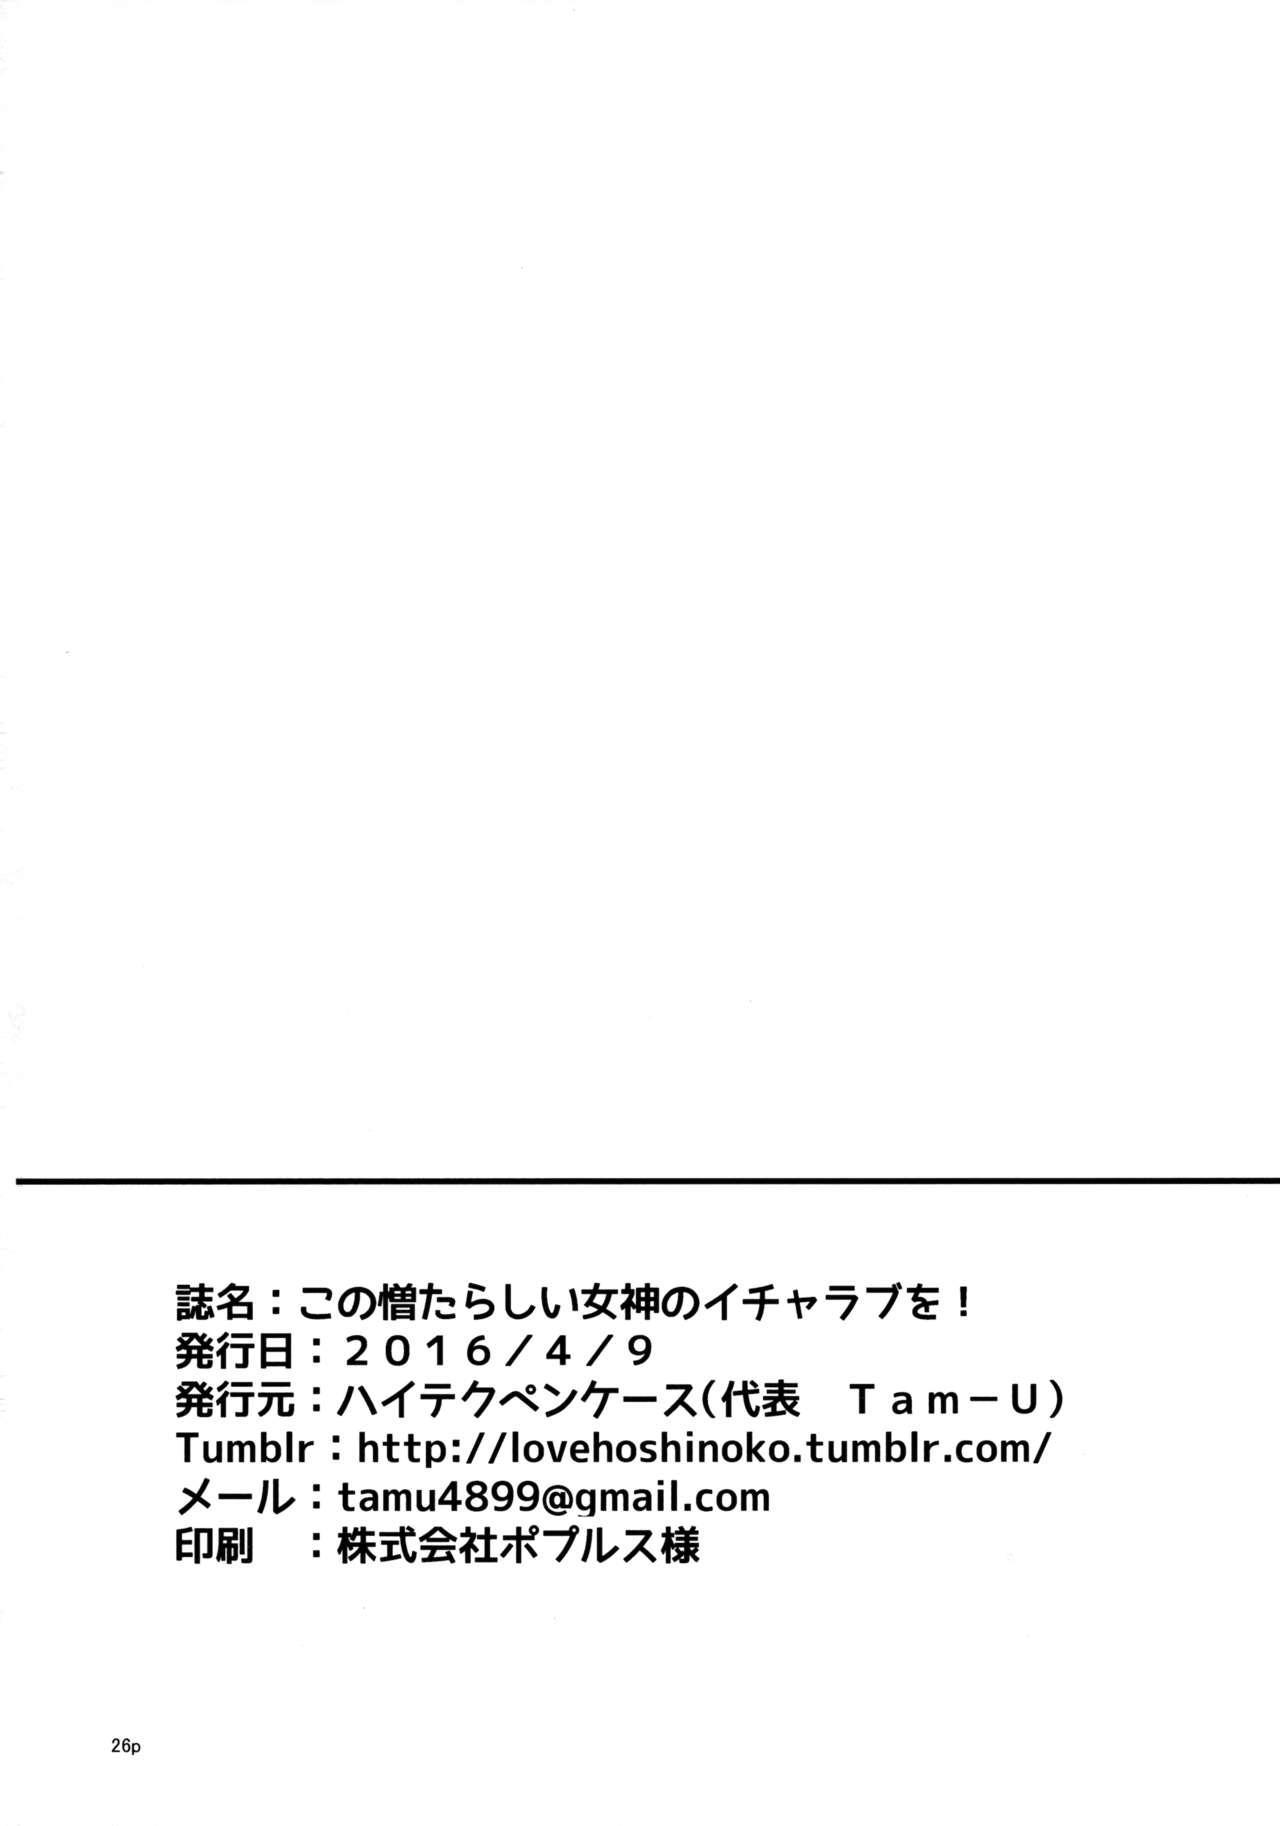 Kono Nikutarashii Megami no Icha Love o! 25